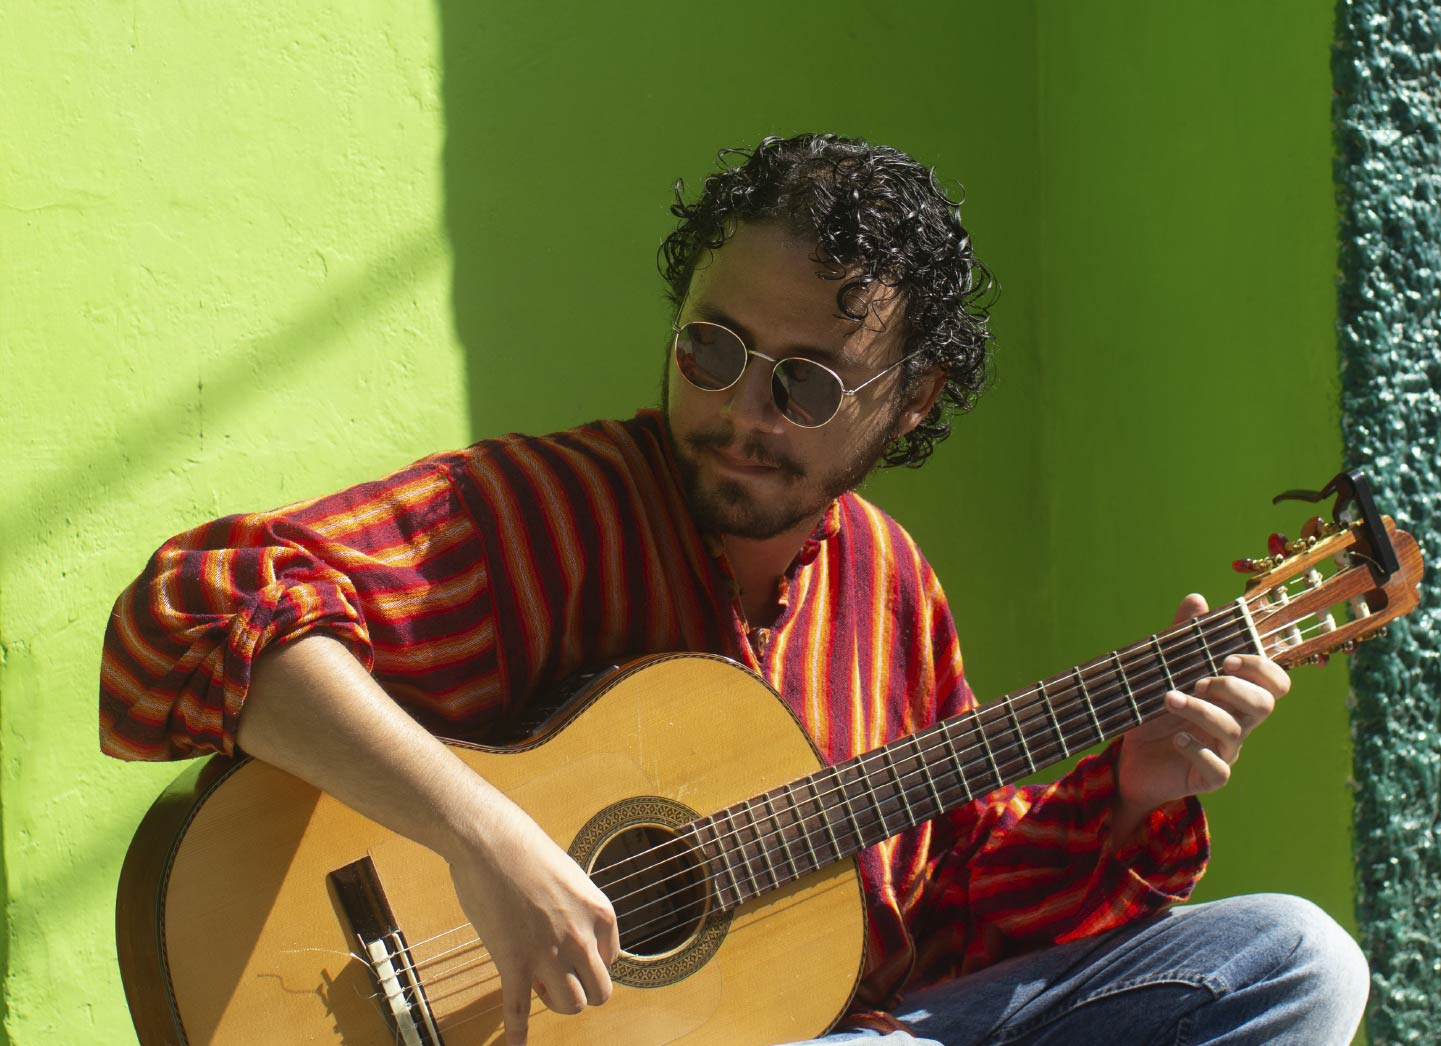 Omar Rodríguez Salgado